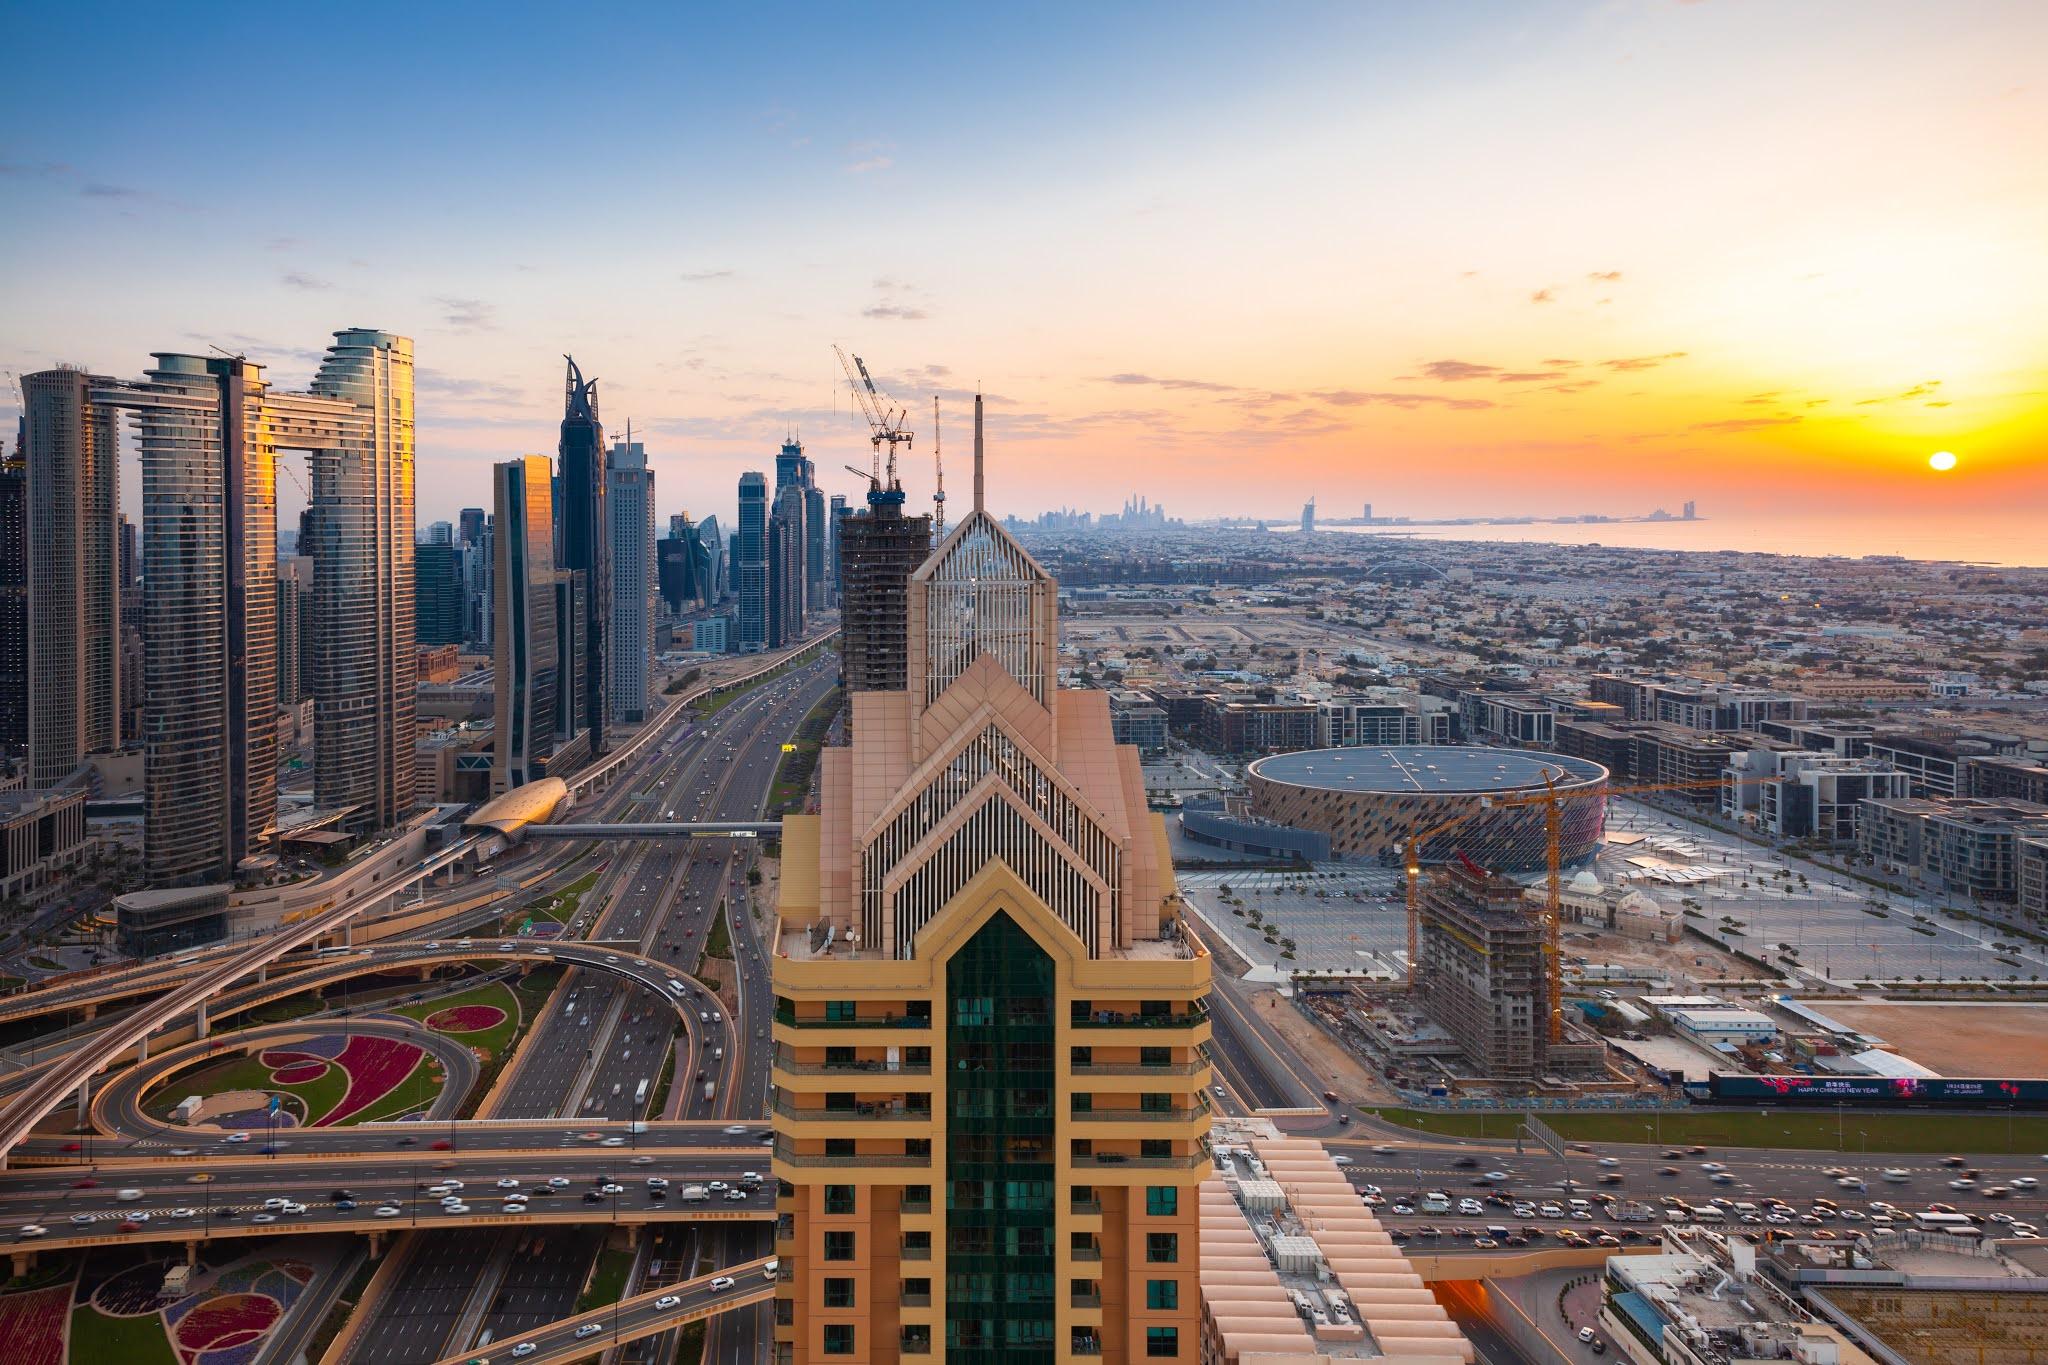 مجلة سياحية: دبي أفضل وجهات السفر لعام 2021